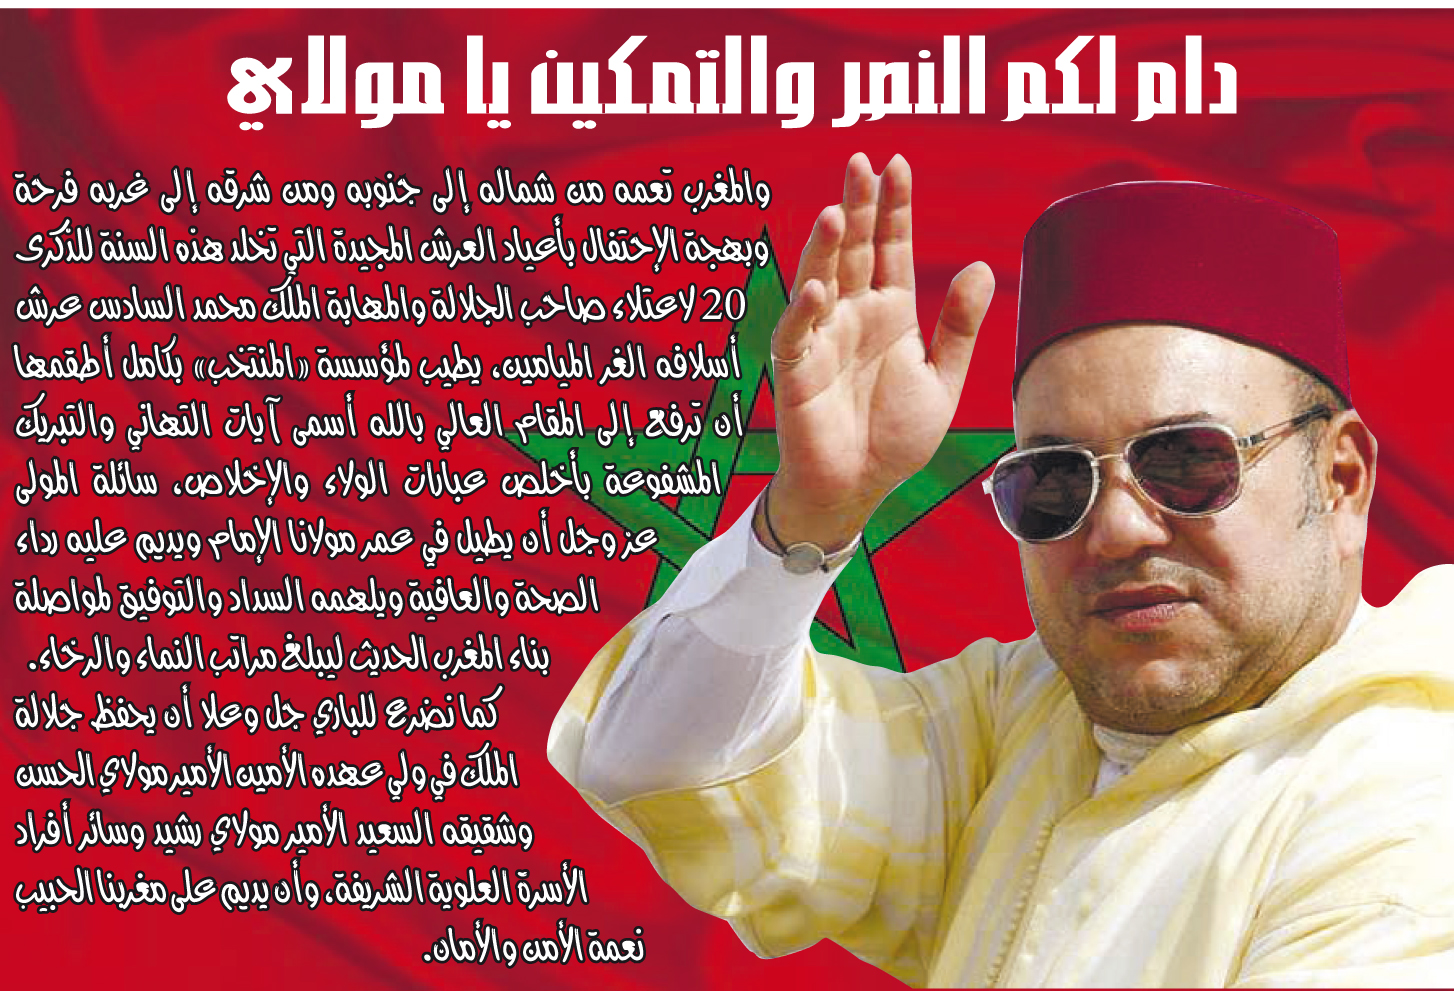 تهنئة إلى صاحب الجلالة الملك محمد السادس بمناسبة عيد العرش المجيد